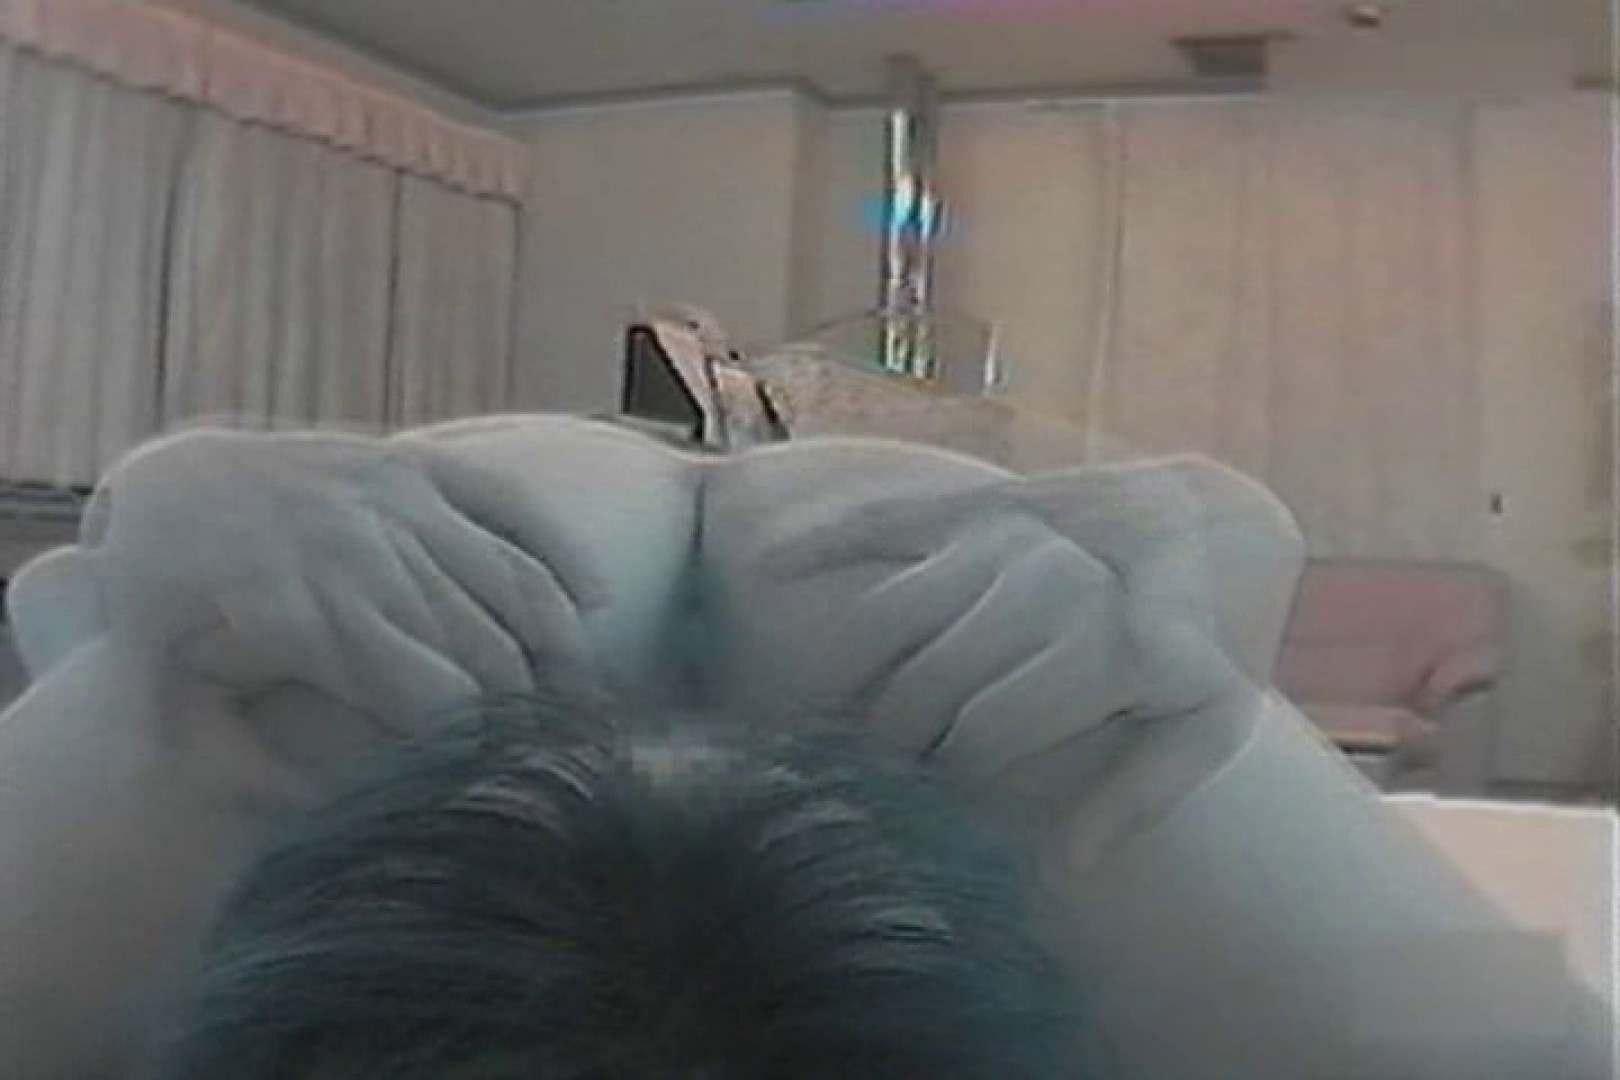 素人嬢をホテルに連れ込みアンナ事・コンナ事!?Vol.10 フェラ無修正 | ホテル  95画像 10